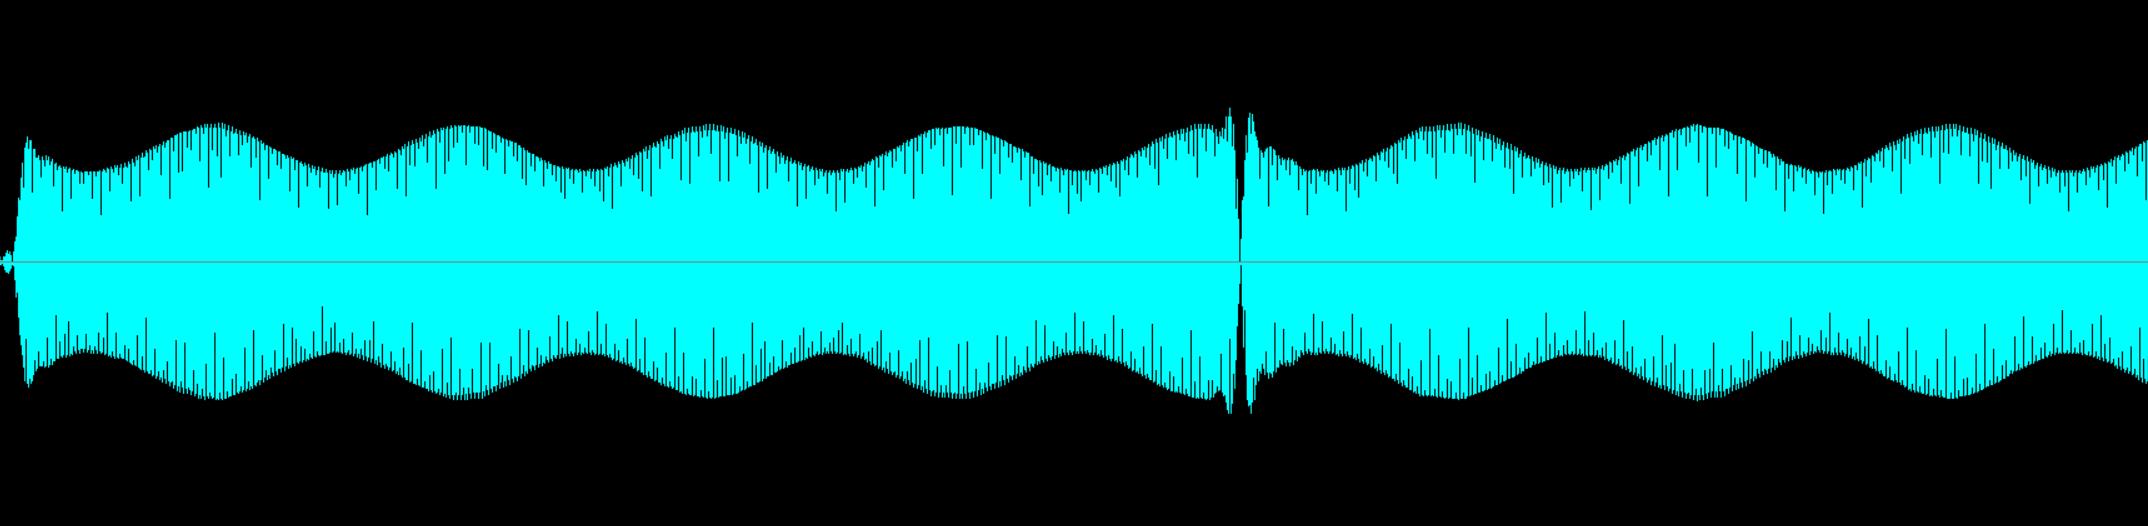 Разбираем звук Dial-up модема - 7